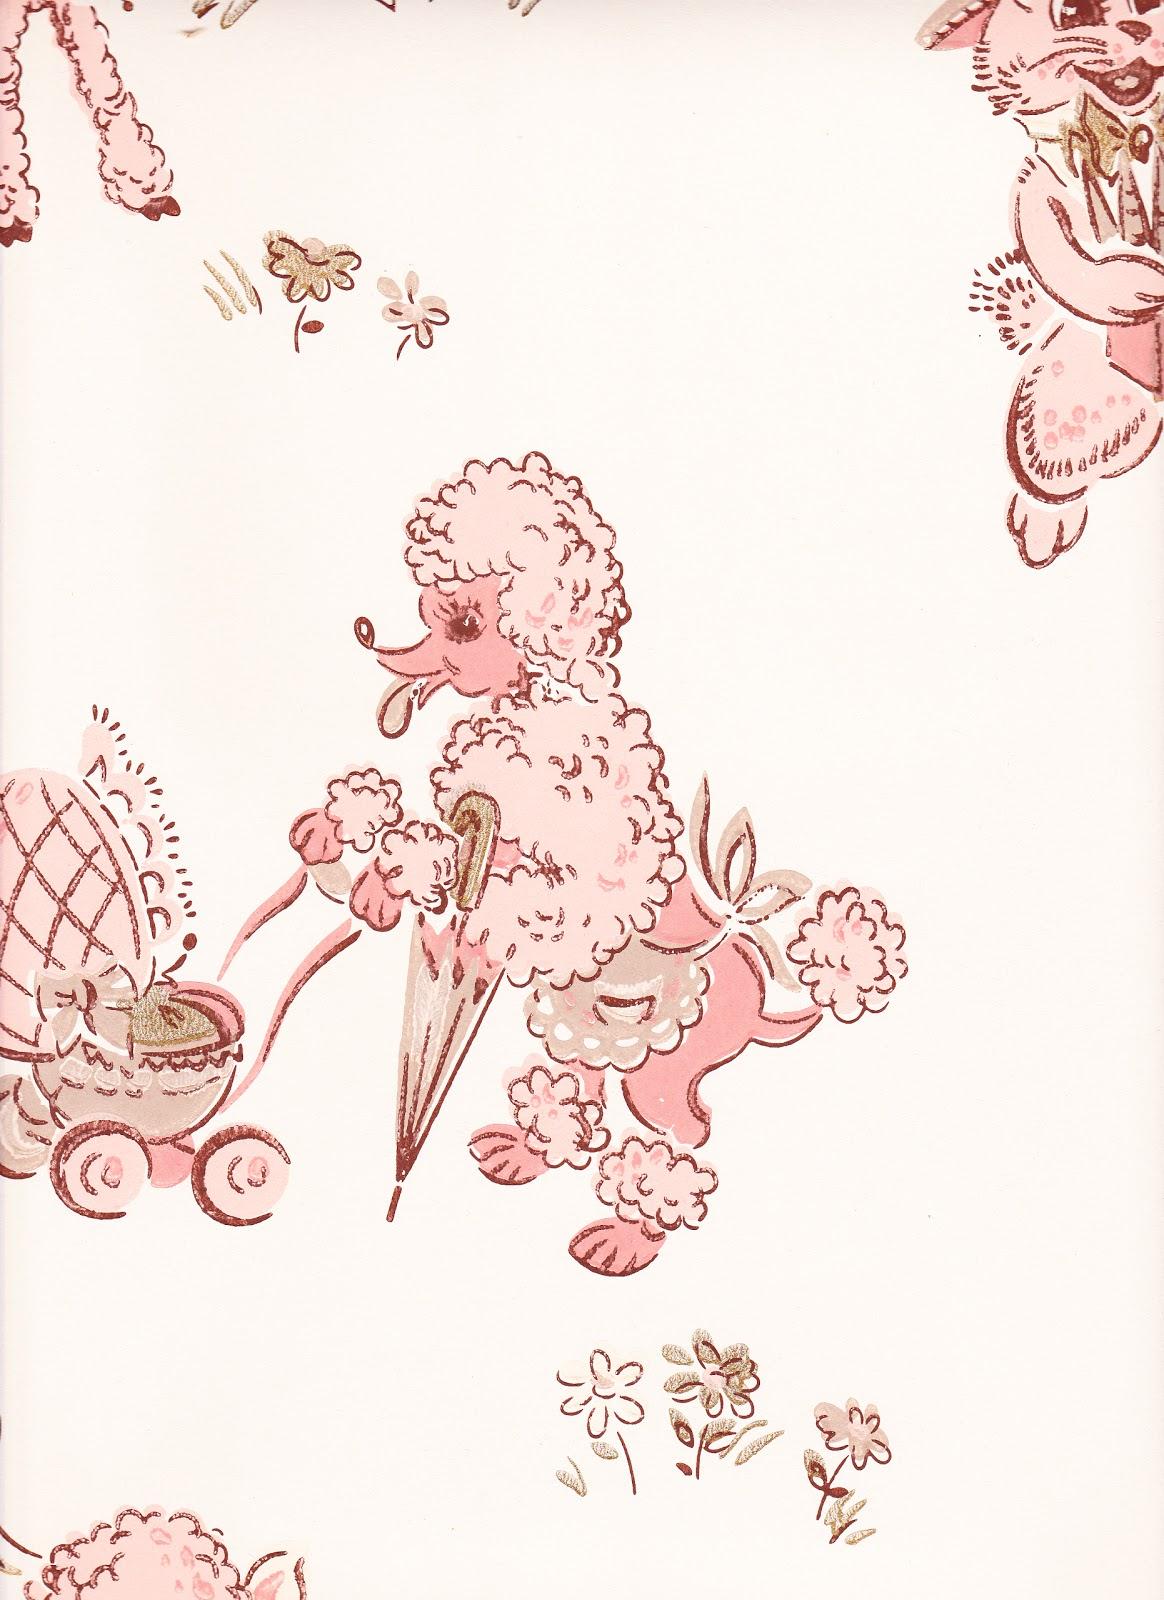 http://4.bp.blogspot.com/-HTZjRK3eN24/TrLZ09YnbqI/AAAAAAAABQE/vrc6tqbC5iA/s1600/wallpaper+3_0001.jpg